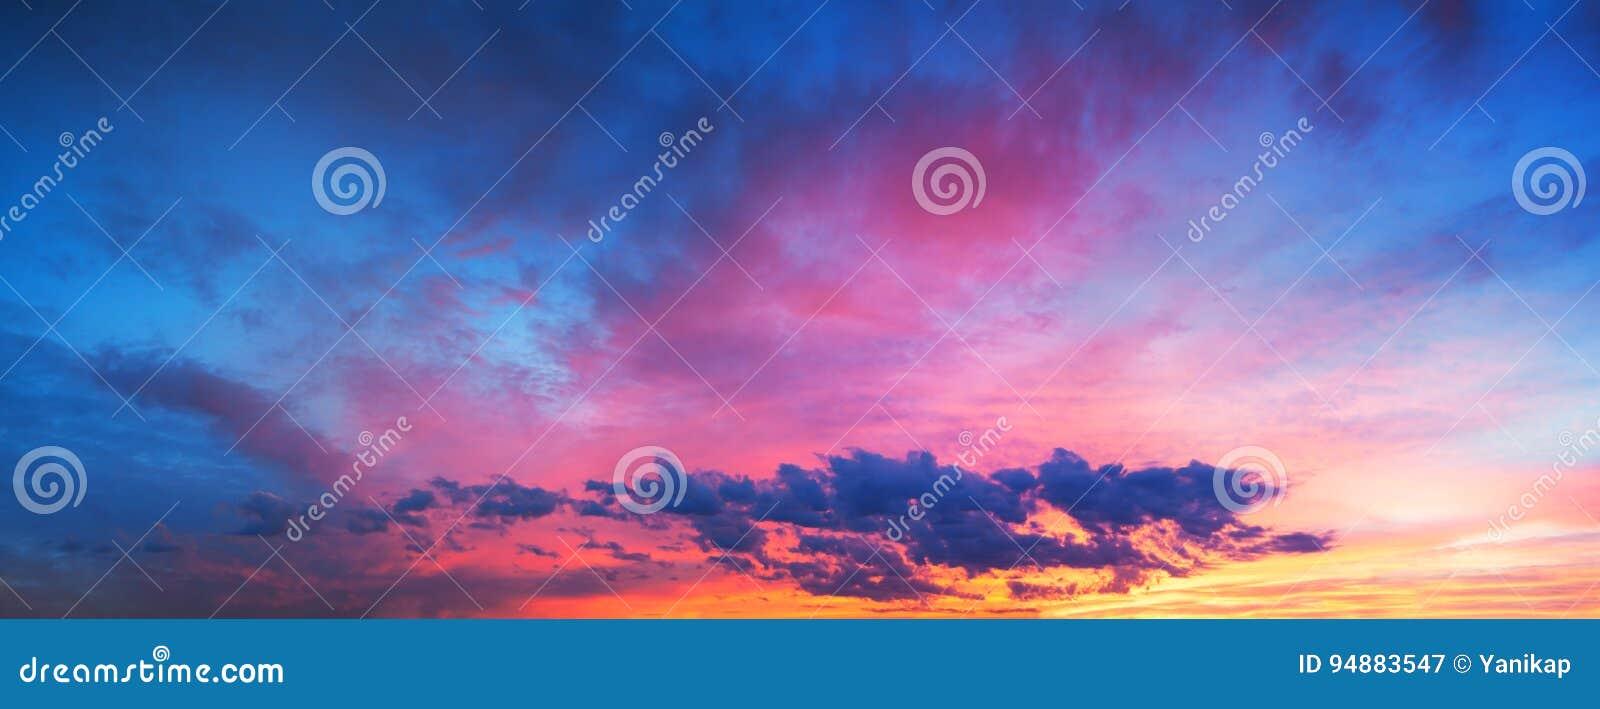 Τοπίο με τον ουρανό, τα σύννεφα και την ανατολή μια πανοραμική άποψη